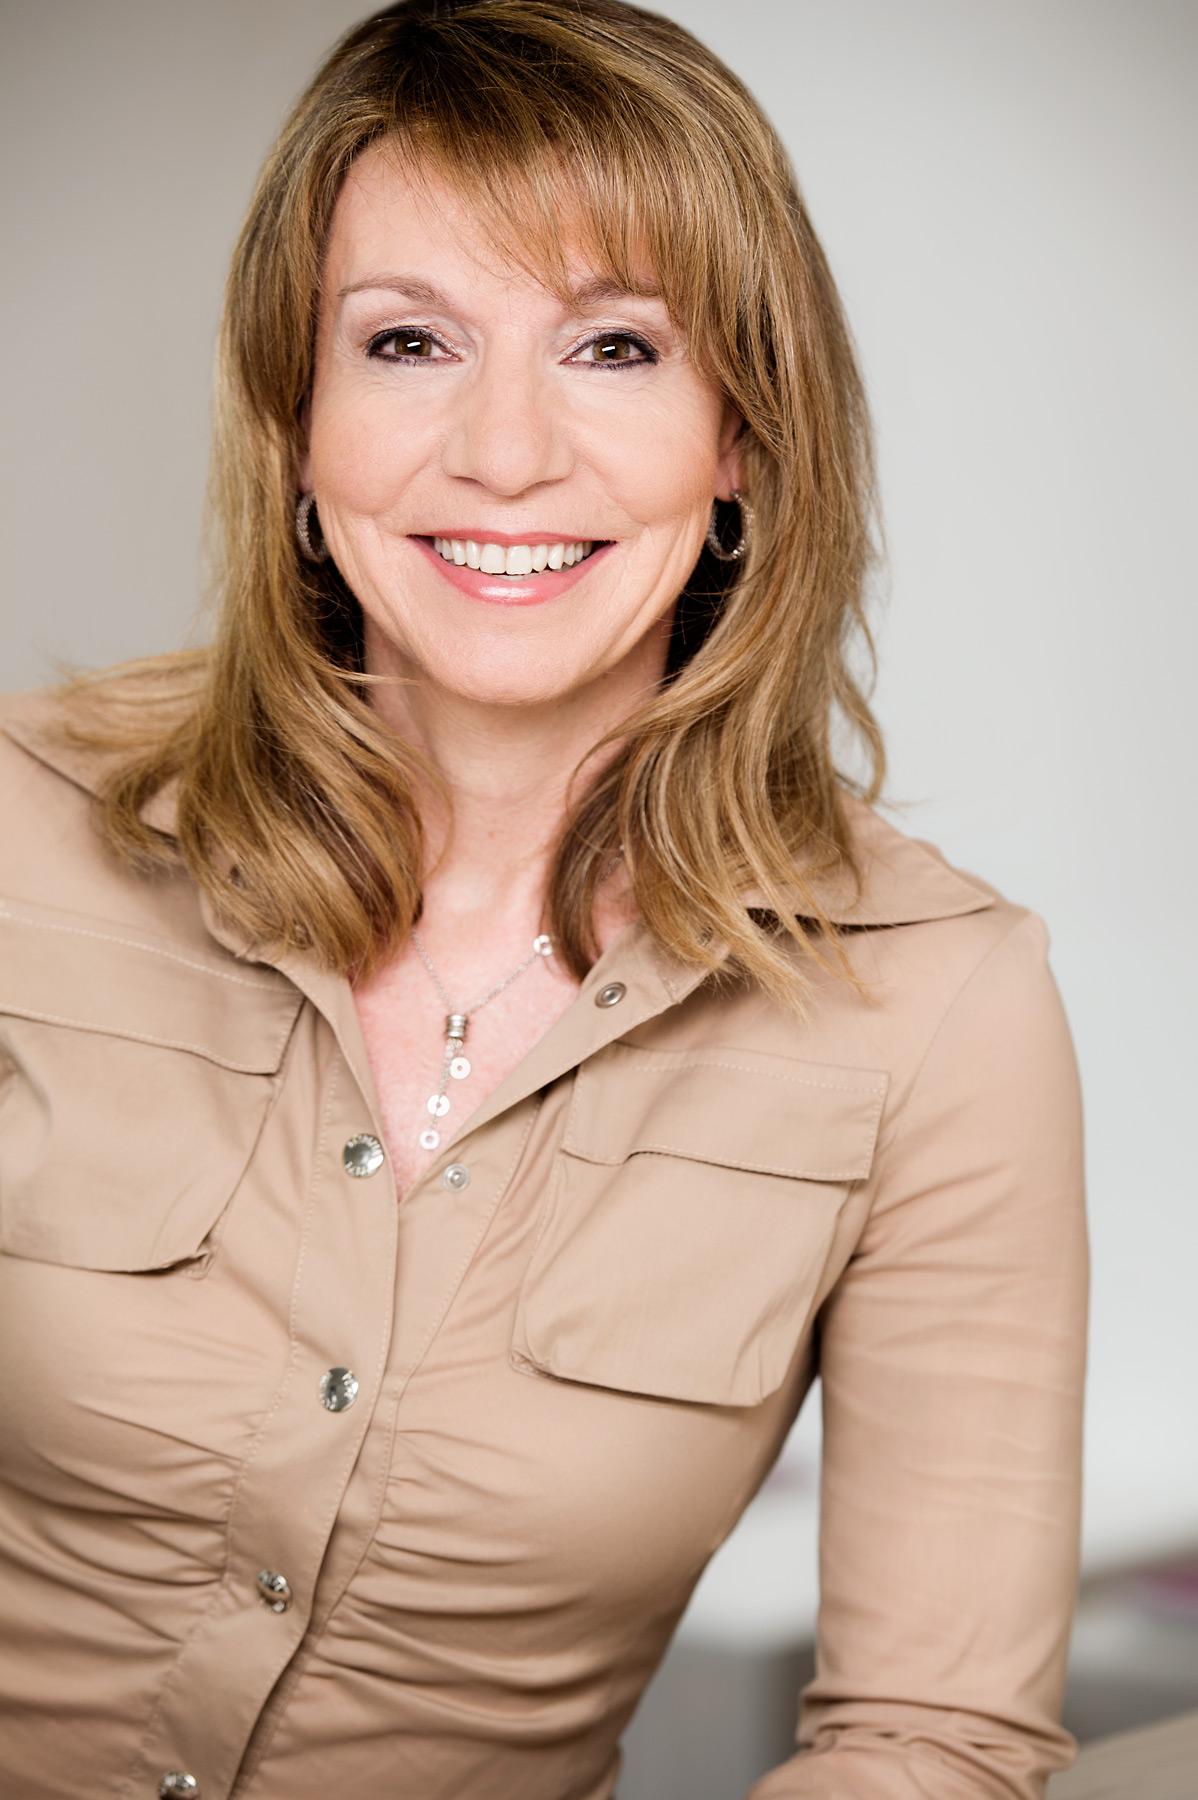 Stefanie Waehlert, Poolworks CEO